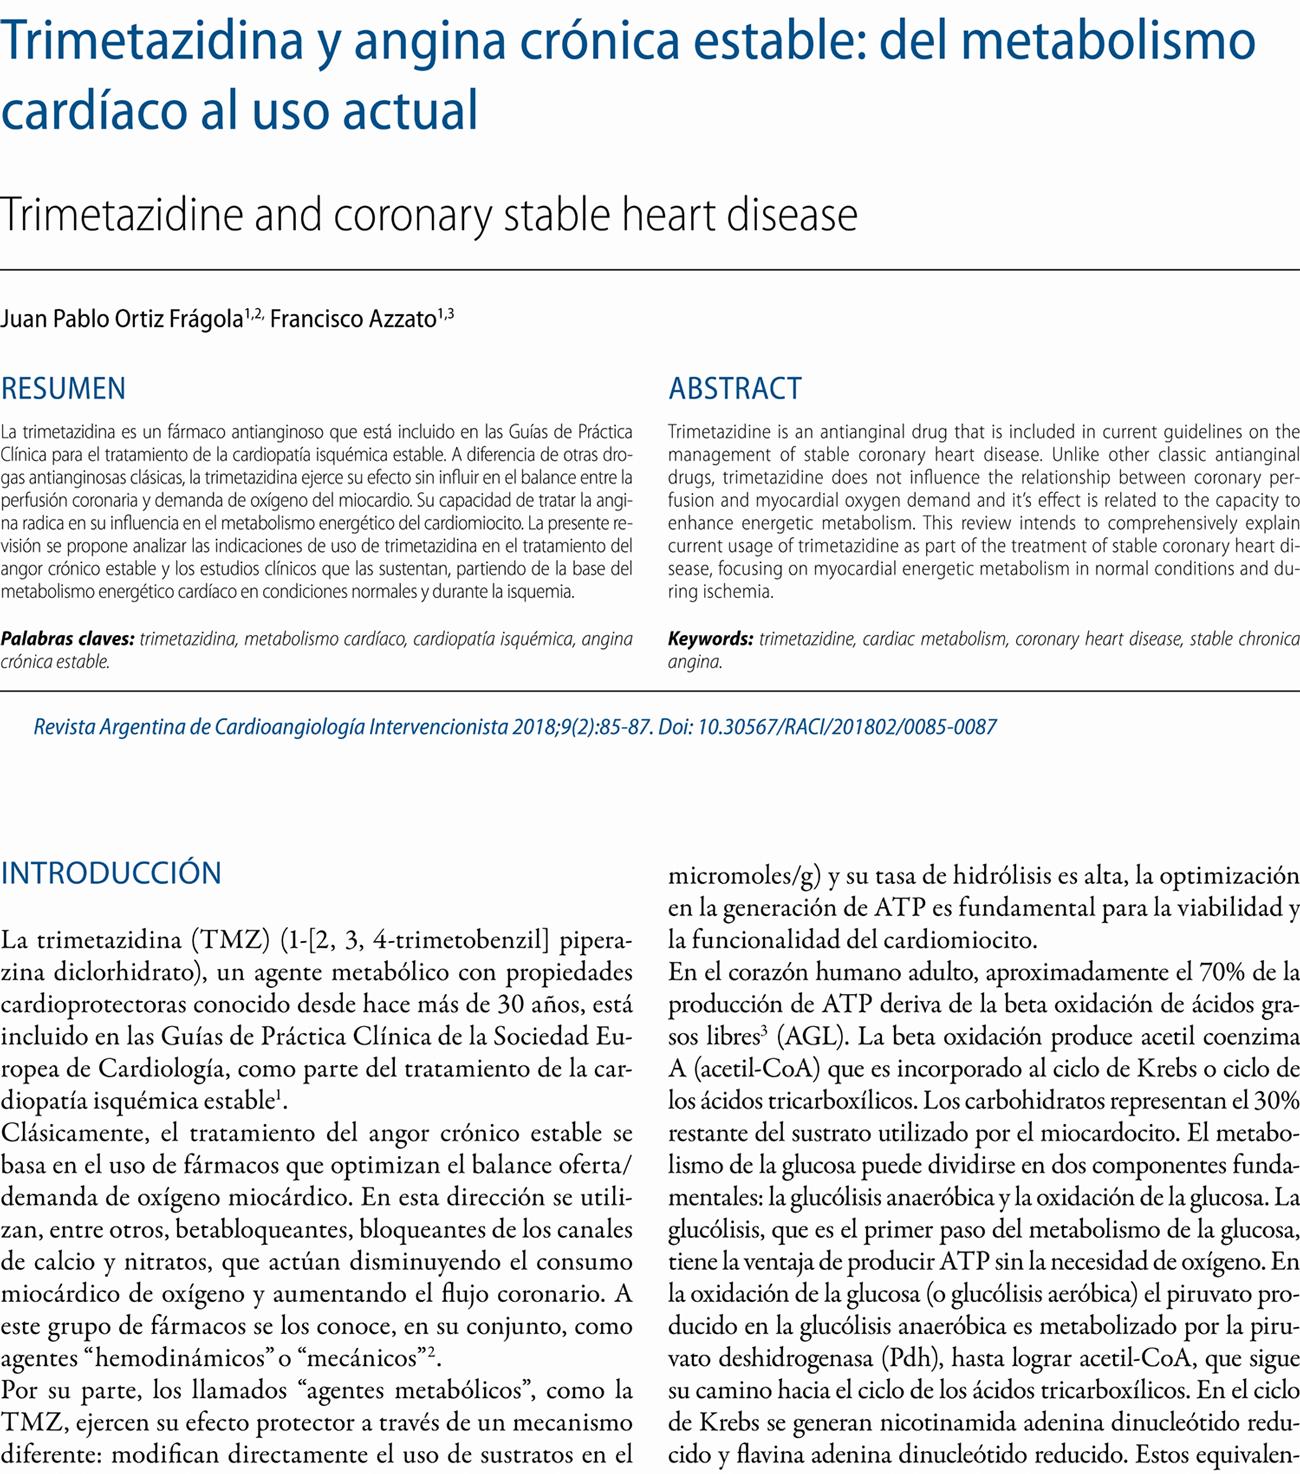 Trimetazidina y angina crónica estable: del metabolismo cardíaco al uso actual